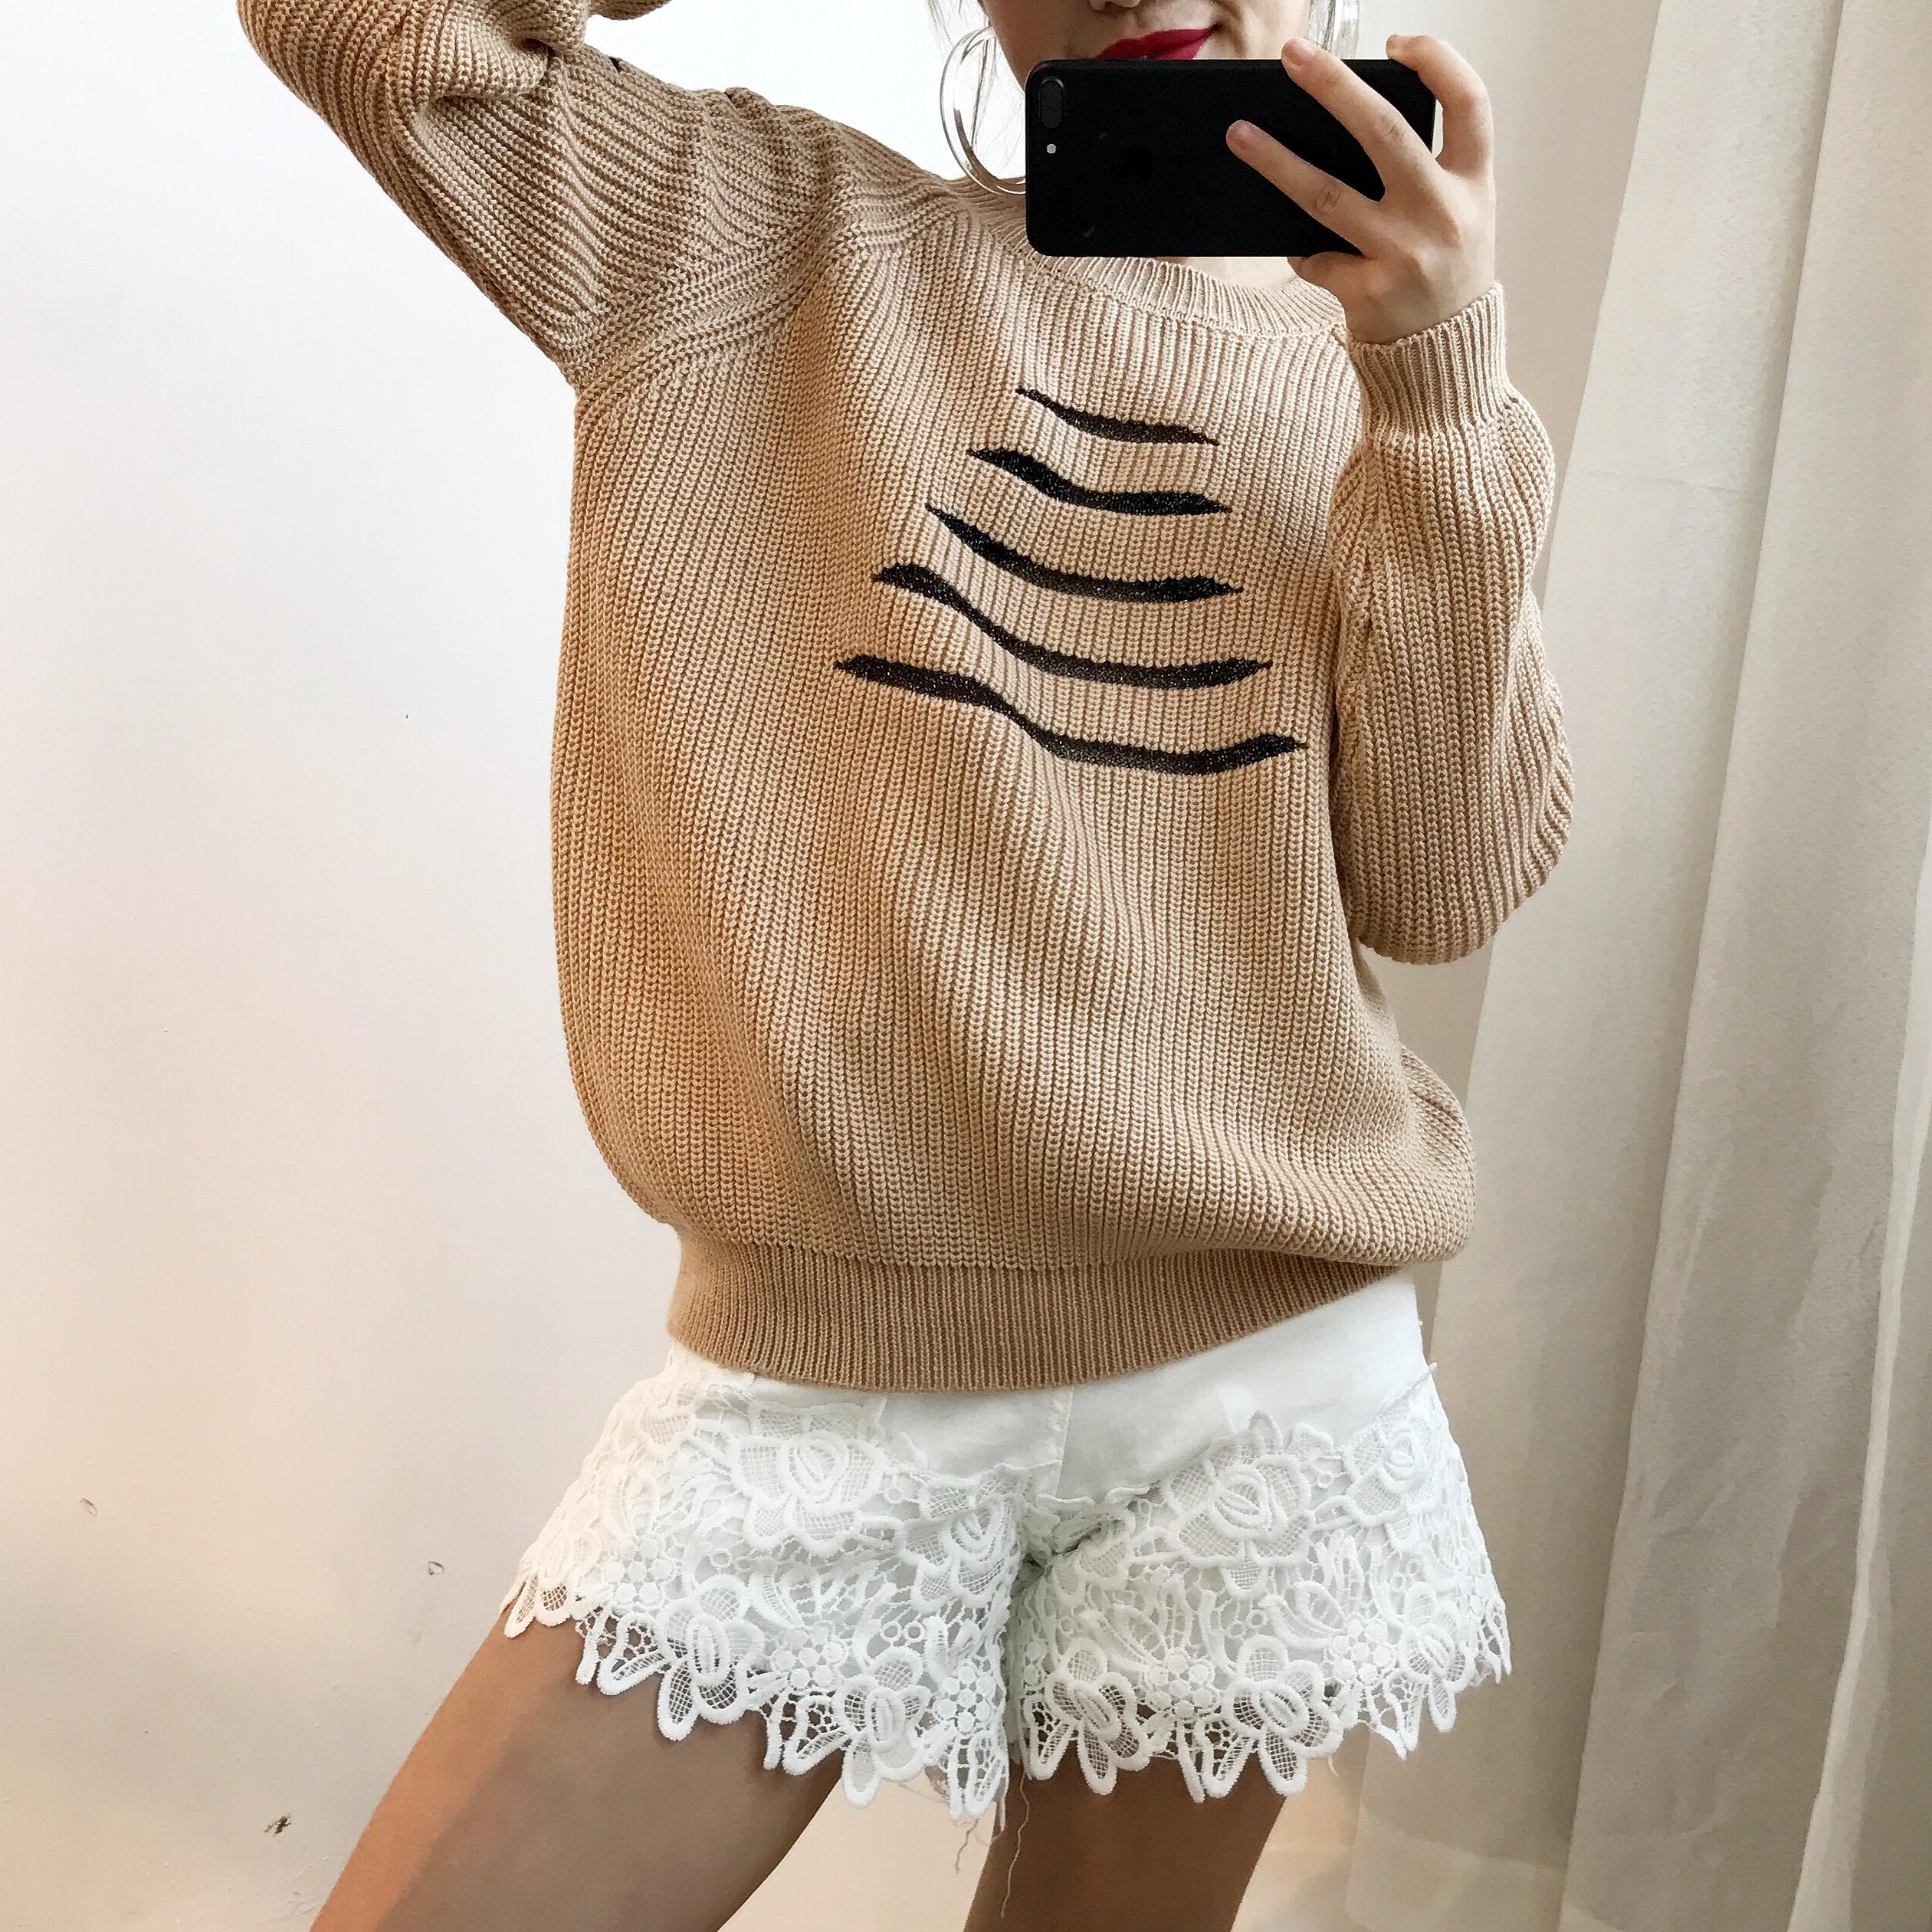 2017秋冬新款圆领毛衣女韩版套头学生长袖宽松针织打底衫百搭亮丝